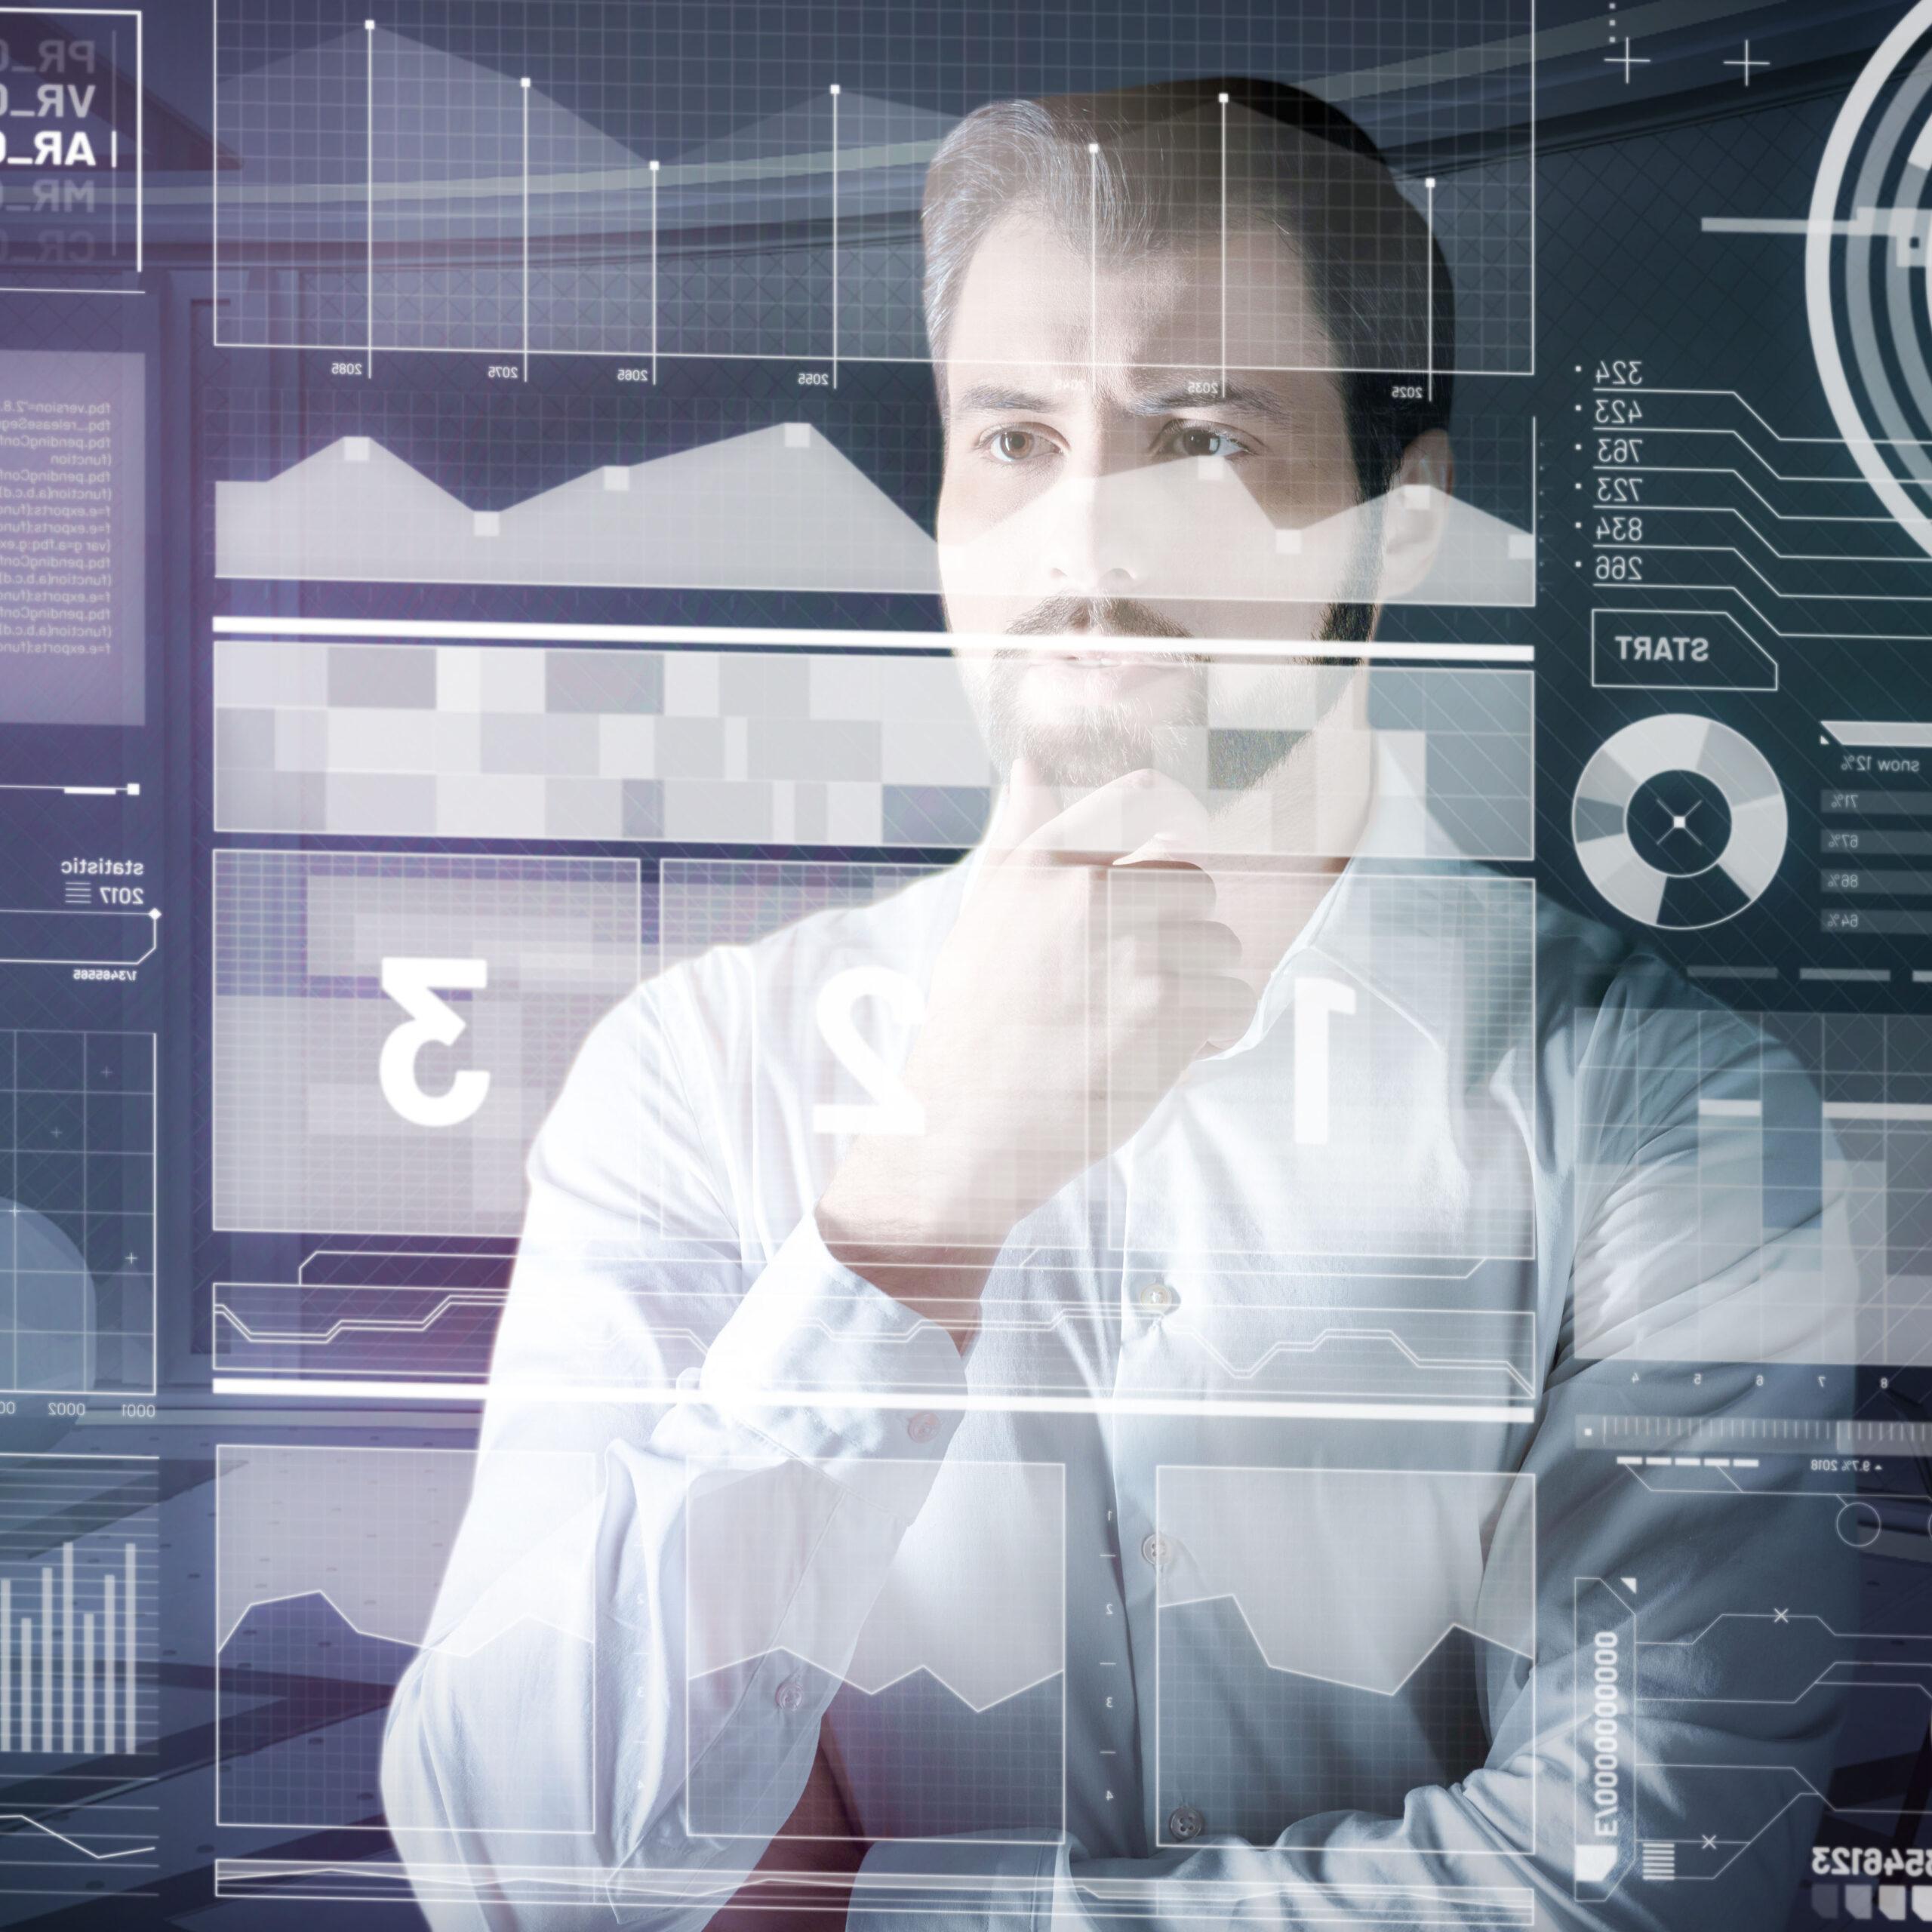 Zuverlässig, sicher, flexibel, kosteneffizient – Controlware erweitert Lösungsportfolio um Managed Service für SD-WAN